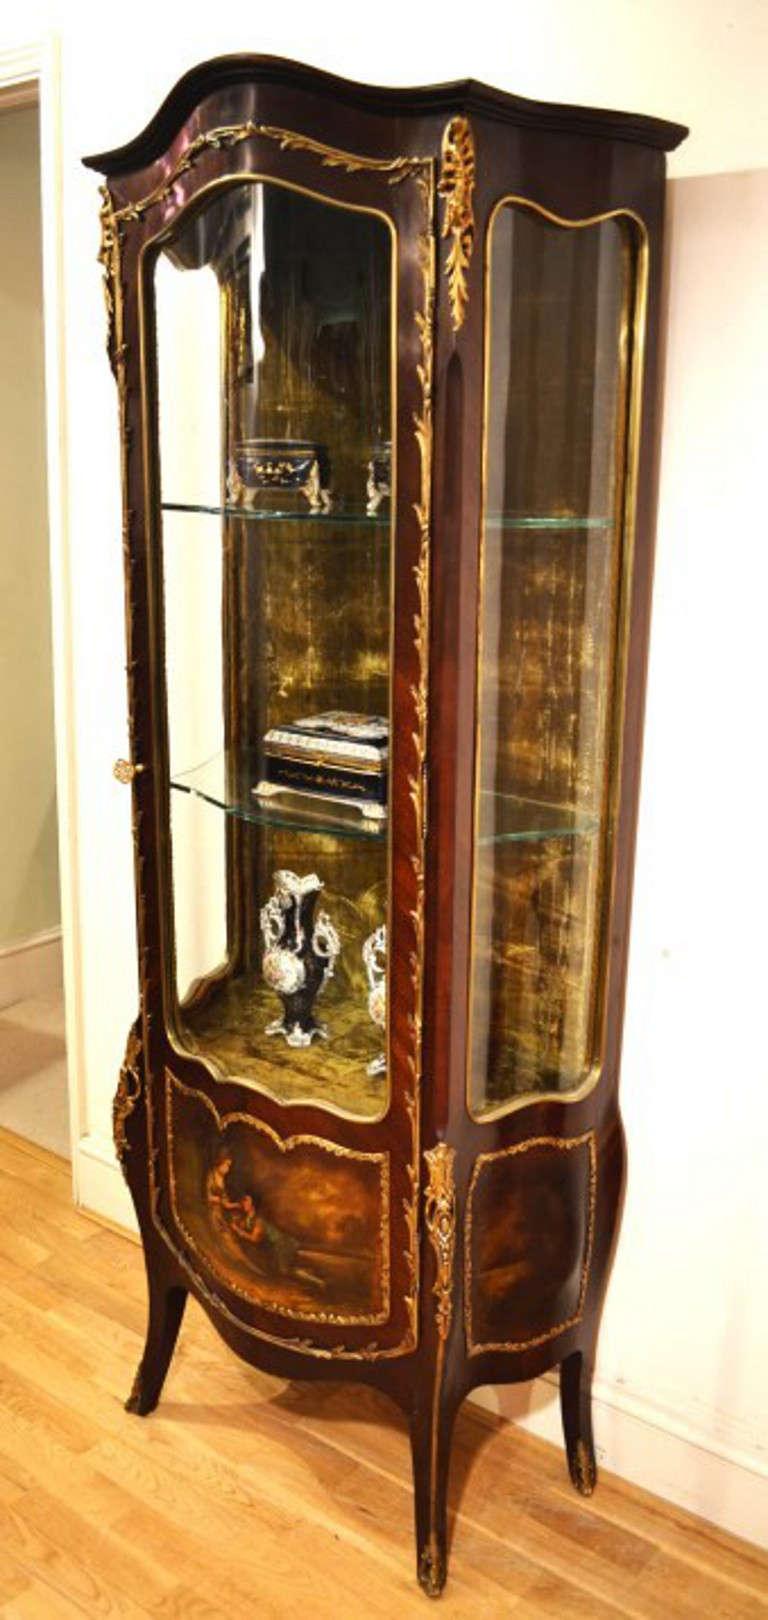 Antique elegant vernis martin display cabinet at 1stdibs - Vintage pieces of furniture old times elegance ...